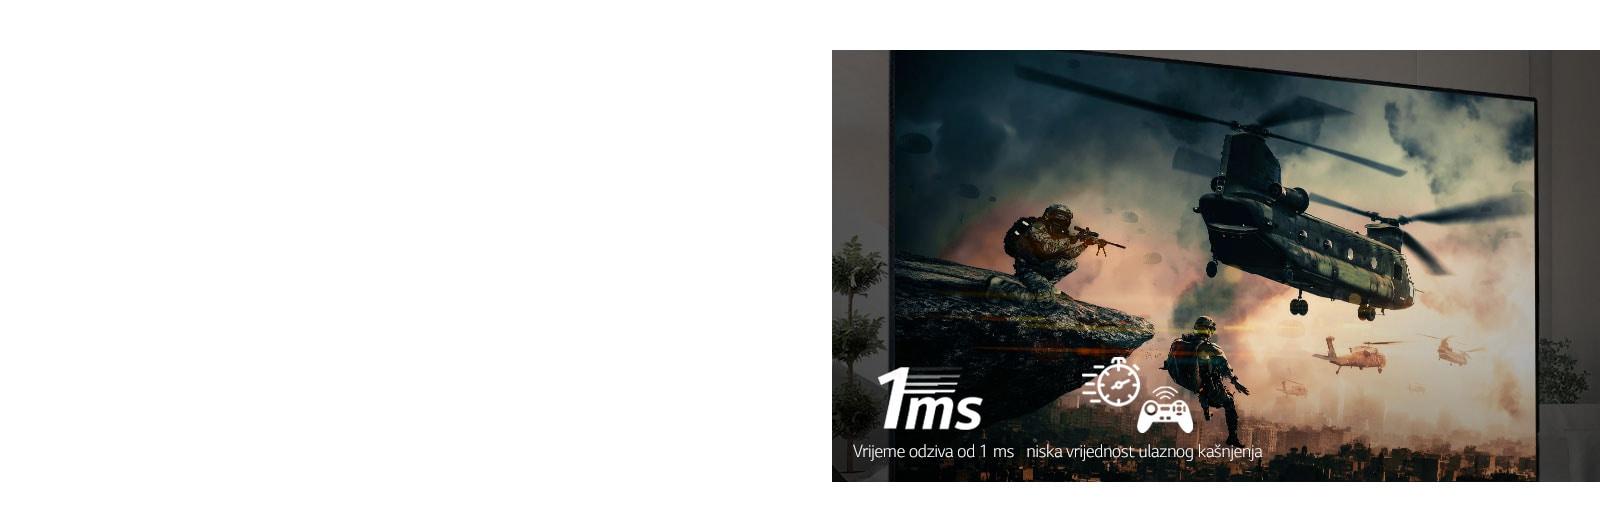 TV zaslon s prikazom borbene igre s naoružanim vojnicima i helikopterima koji lete u nebo.